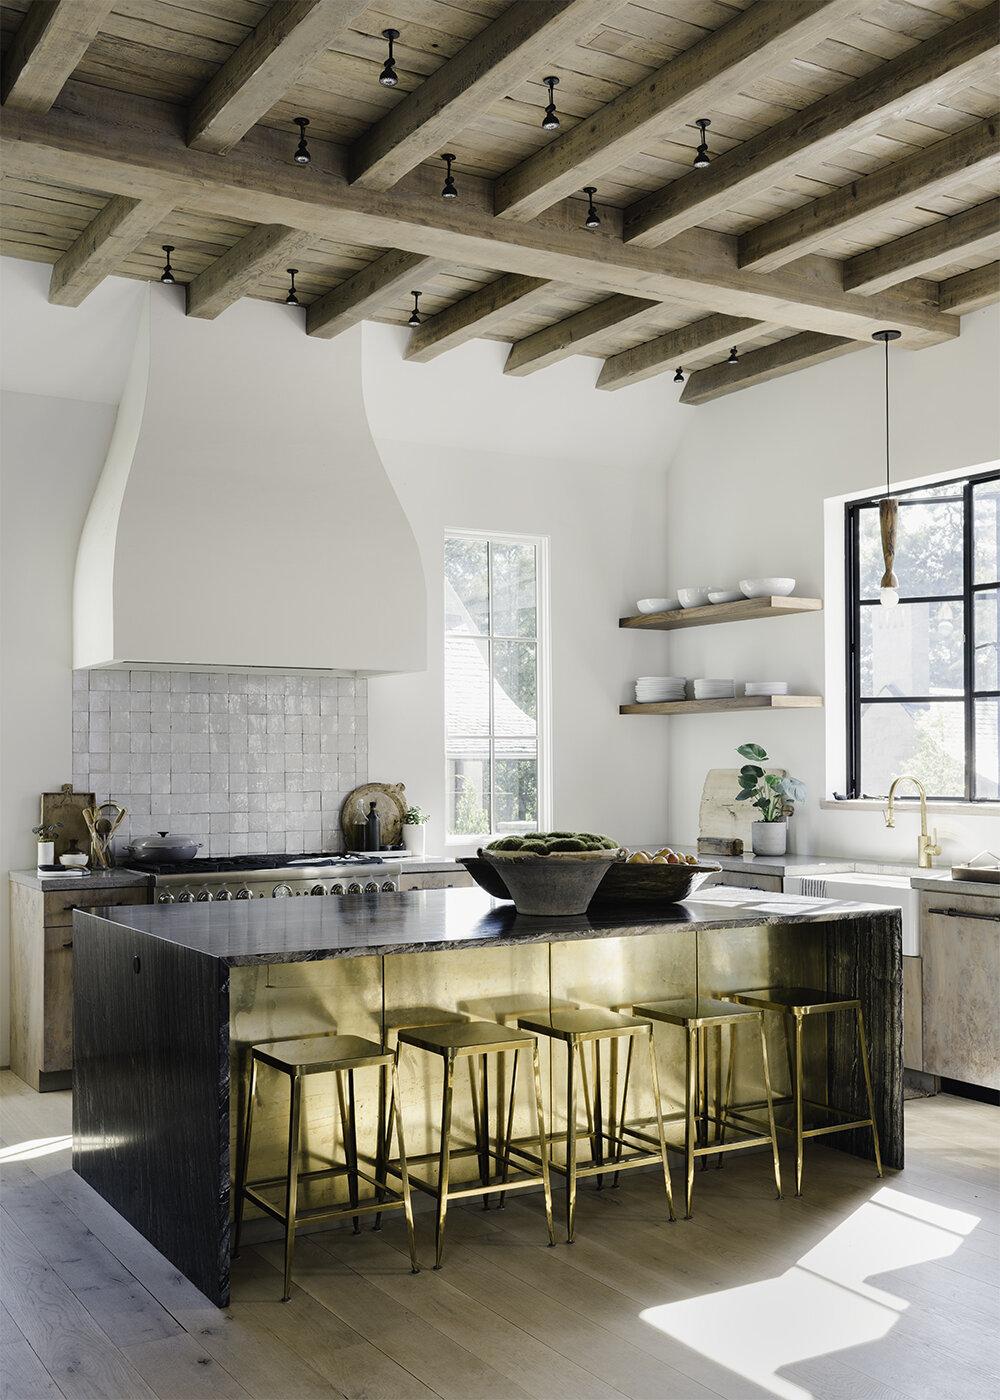 ahp_zarse_kitchen_6.jpg